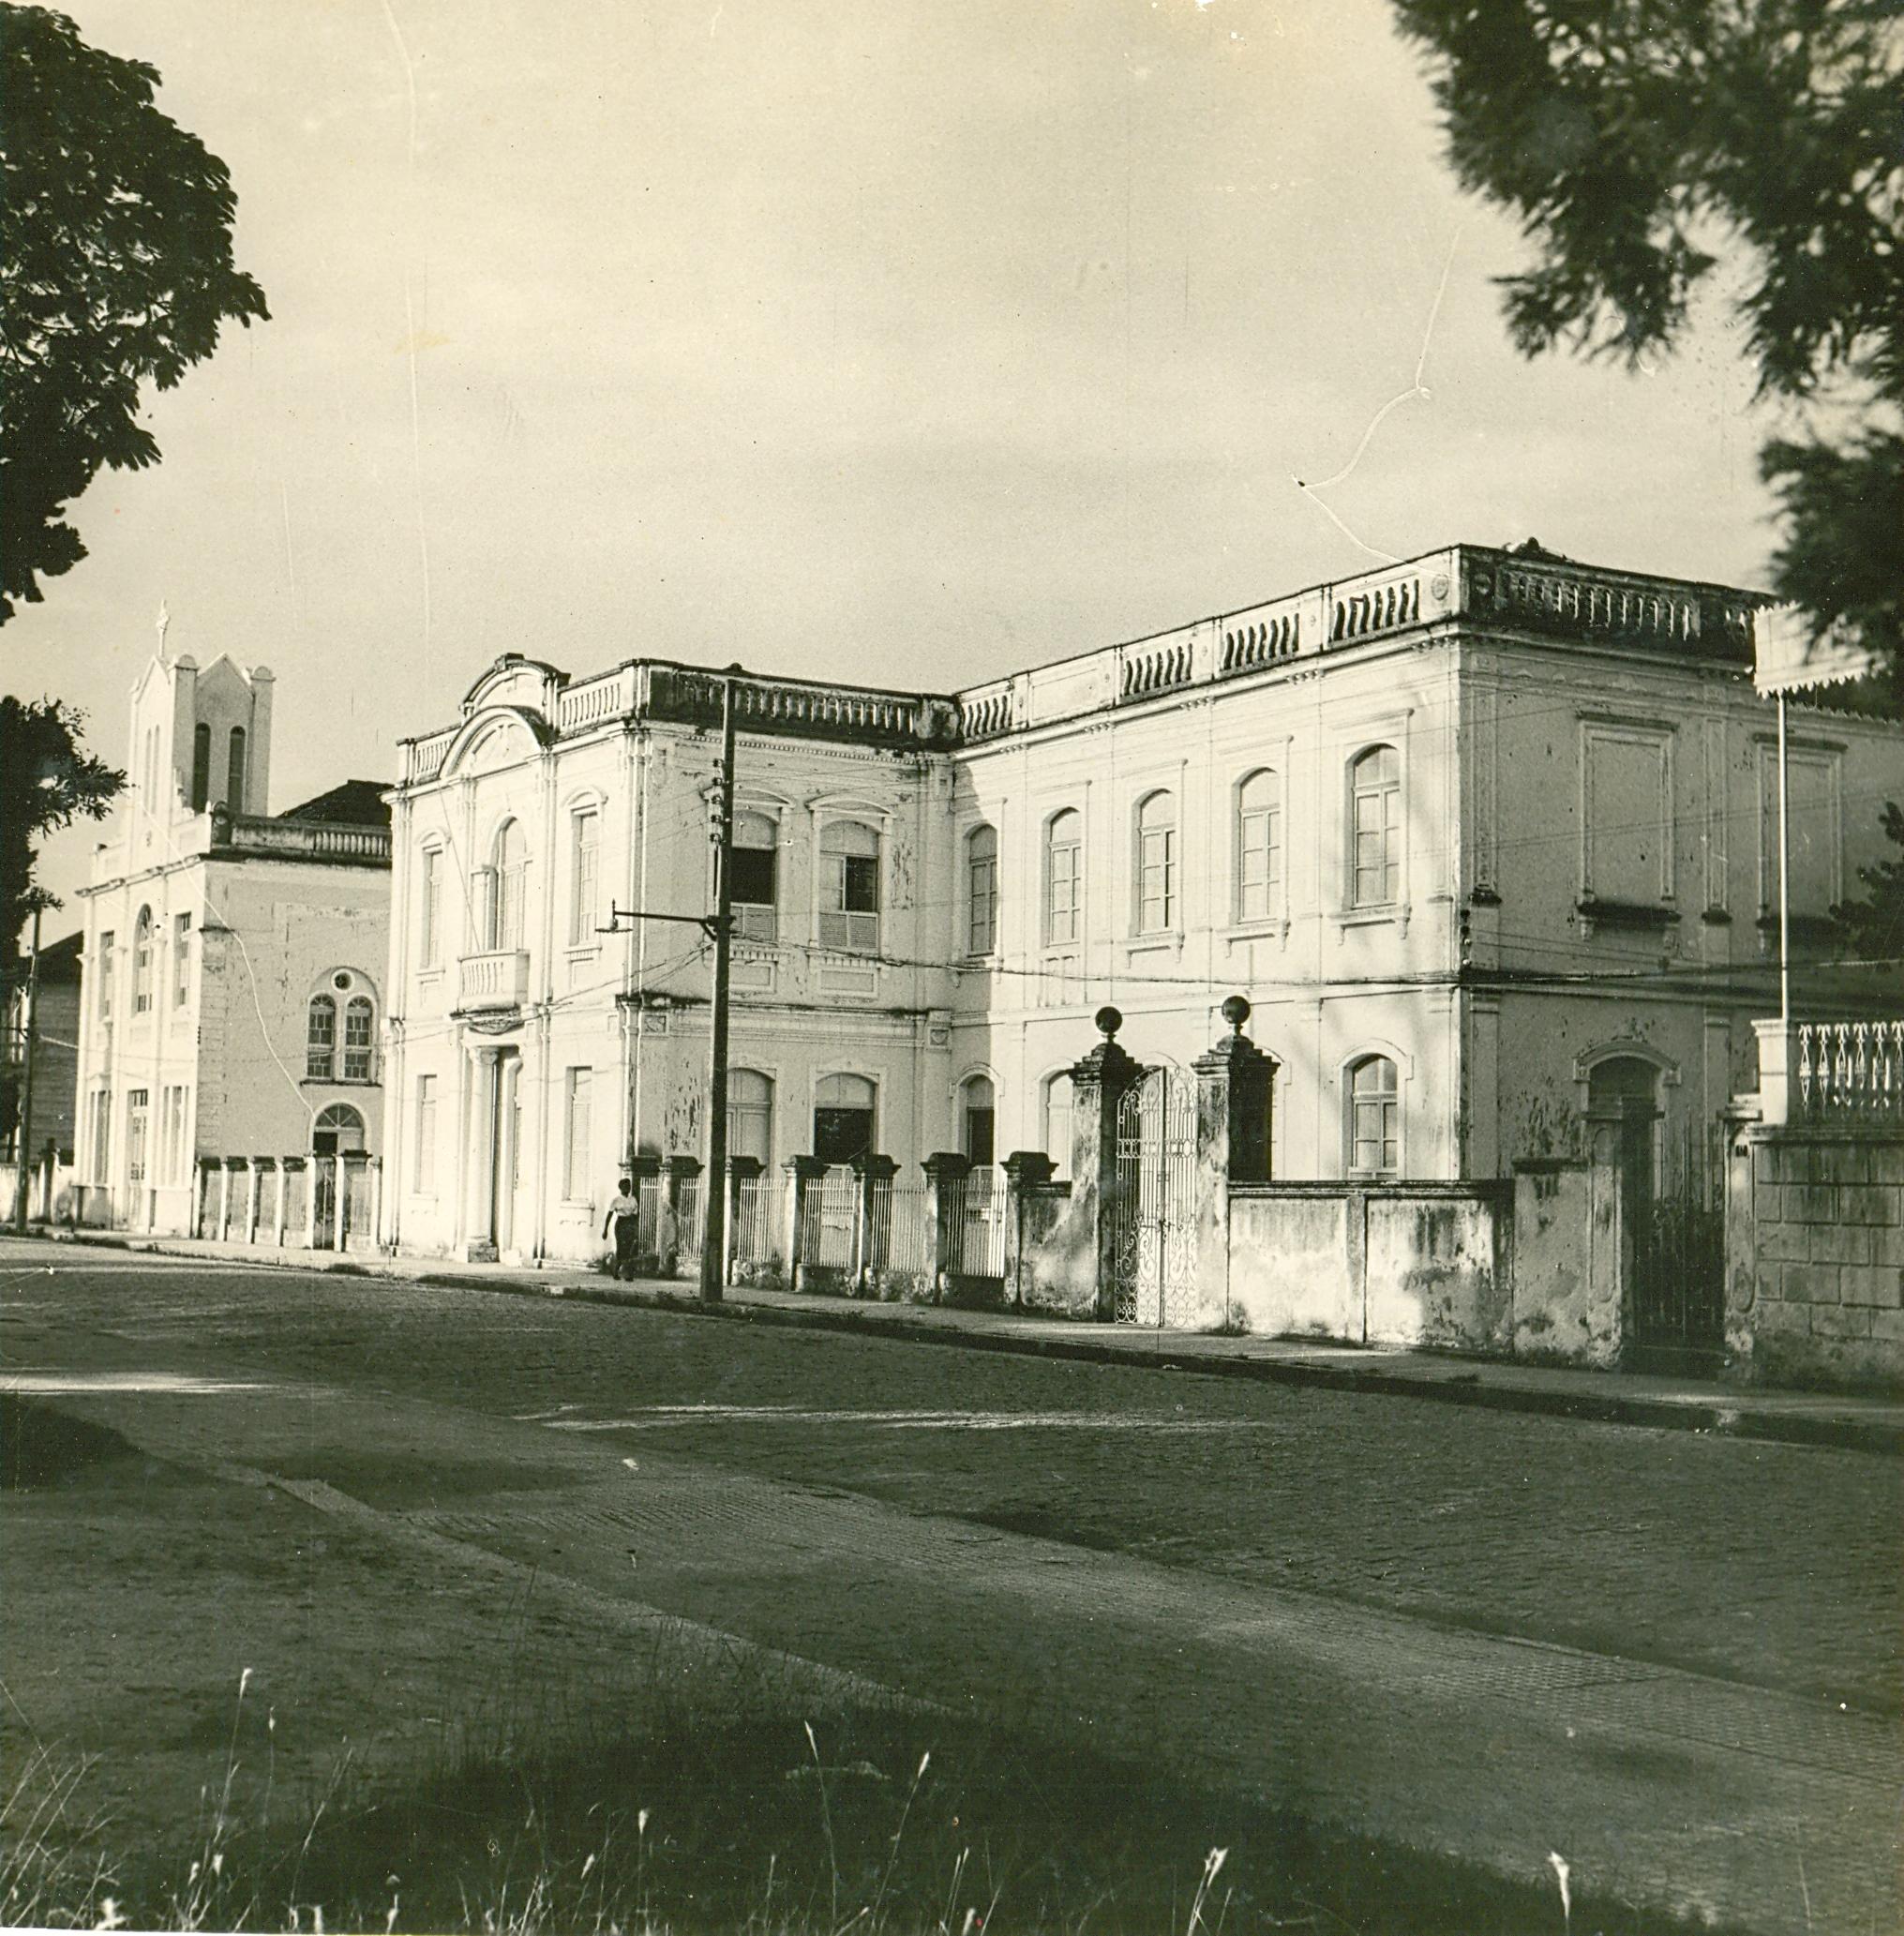 Inaugurado em 1910, o antigo asilo é hoje uma referência em ações de inclusão social e educacional - Acervo IDES